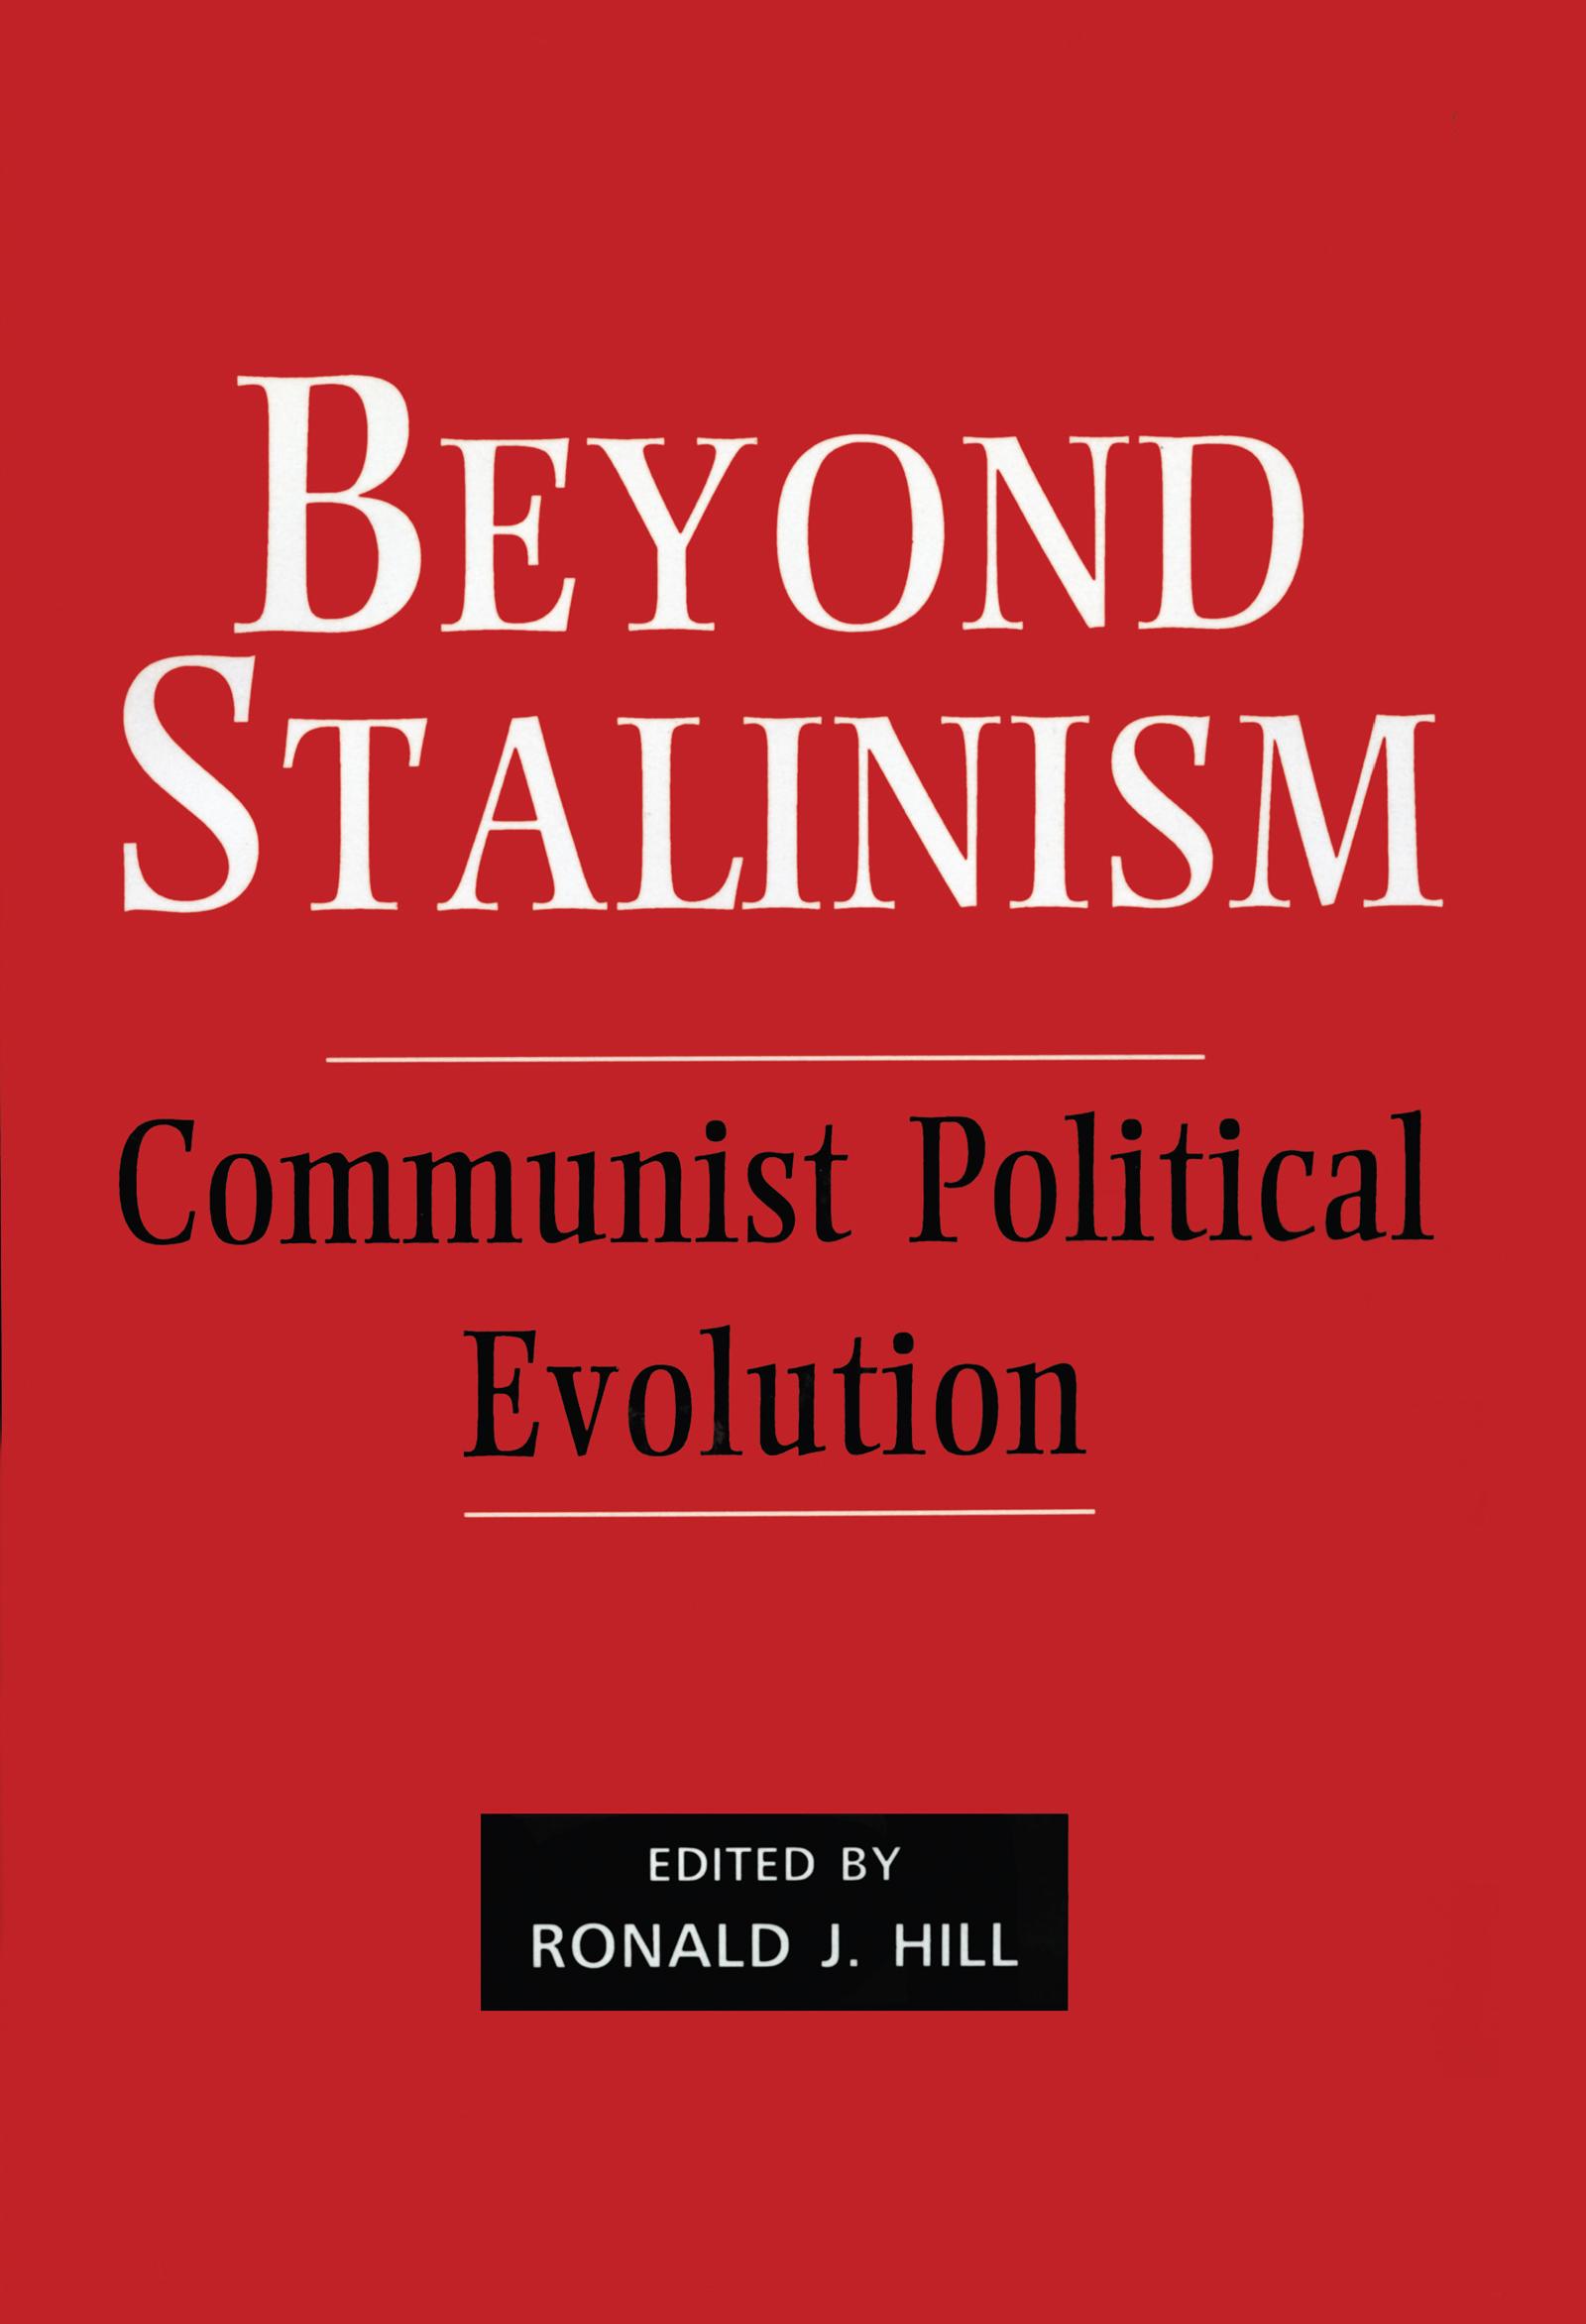 Beyond Stalinism: Communist Political Evolution (Hardback) book cover